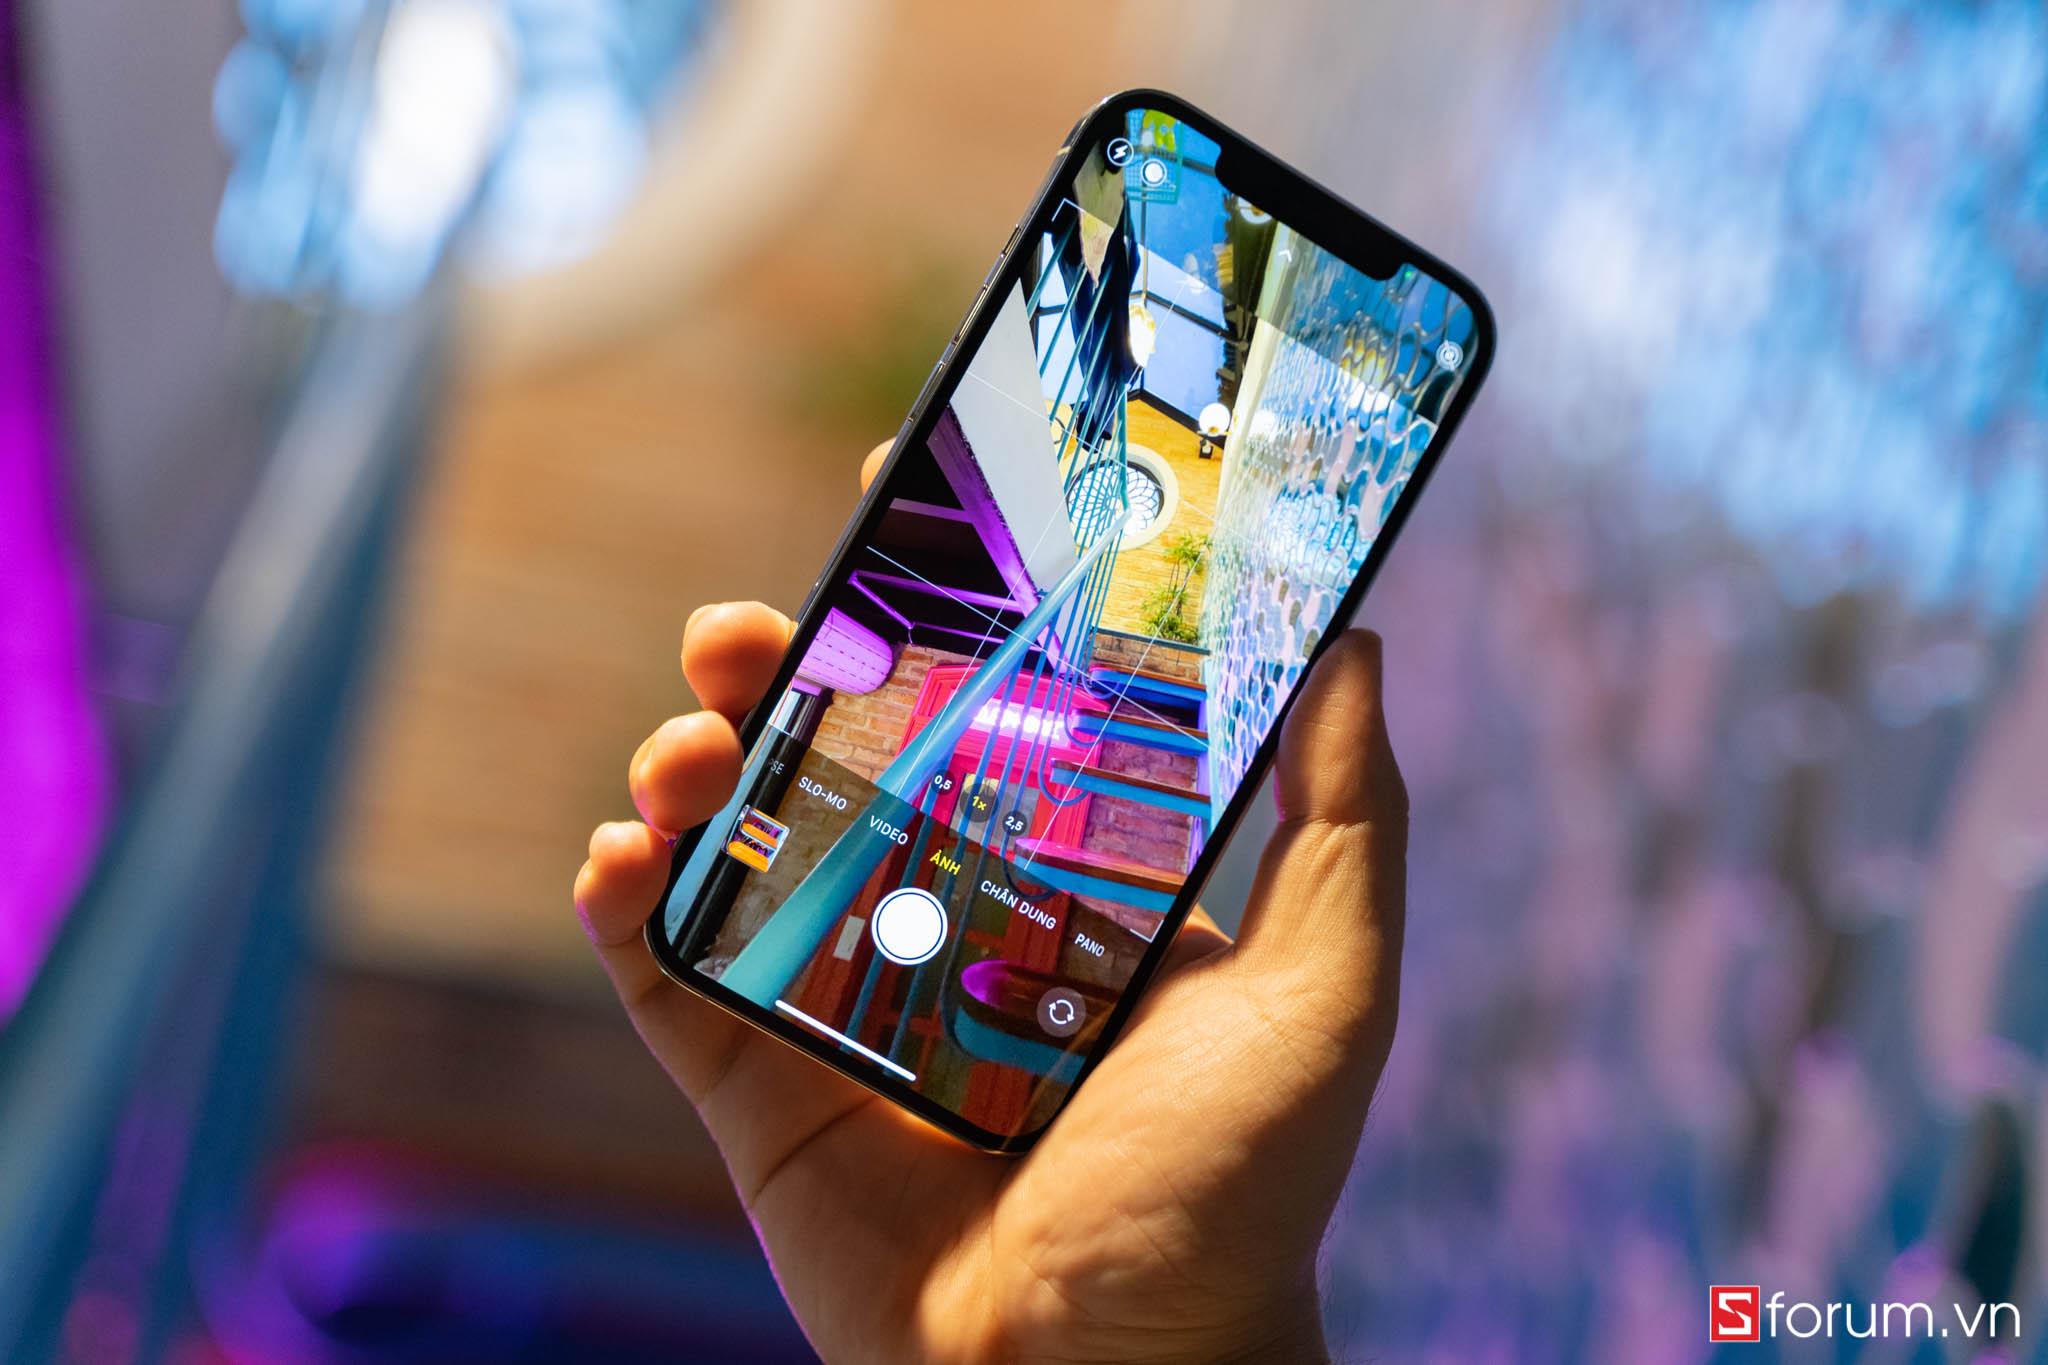 Sforum - Trang thông tin công nghệ mới nhất iPhone-12-pro-max-logo-9 Đánh giá iPhone 12 Pro Max: Thiết kế sang trọng, cấu hình mạnh mẽ cùng camera ấn tượng